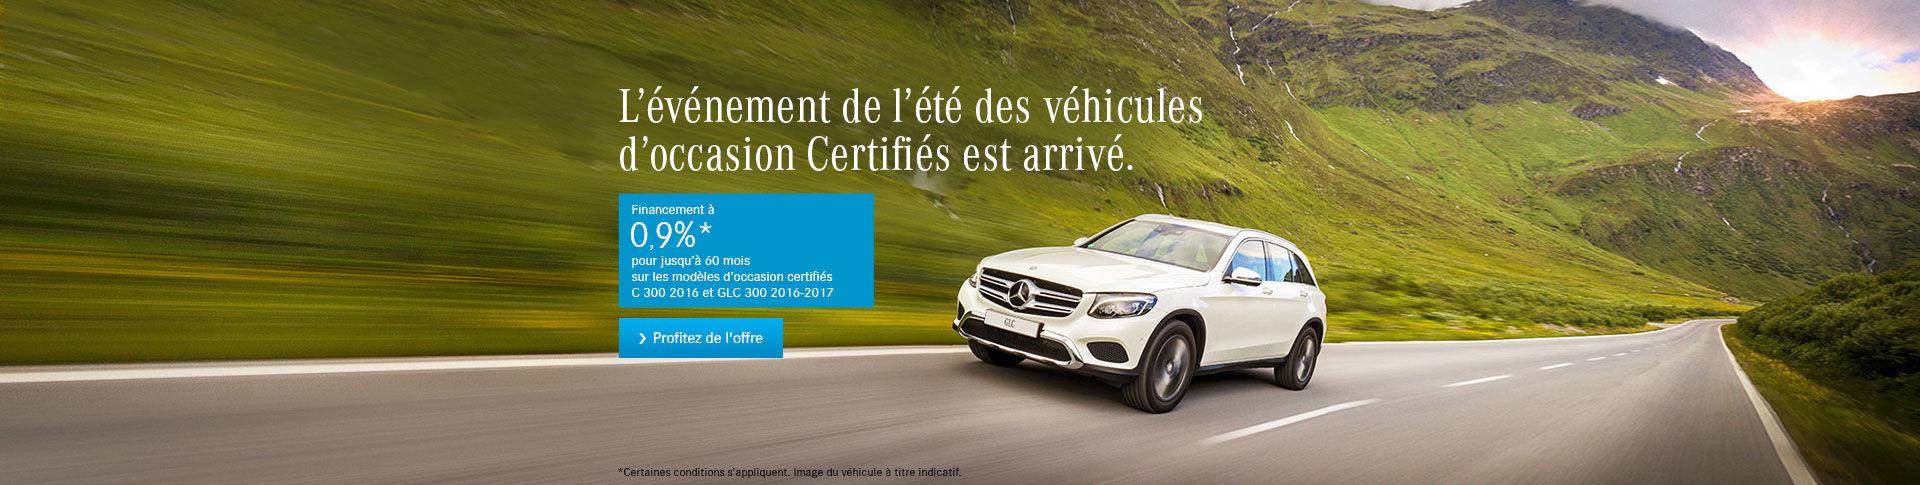 Mercedes Événement Occasion Certifiés